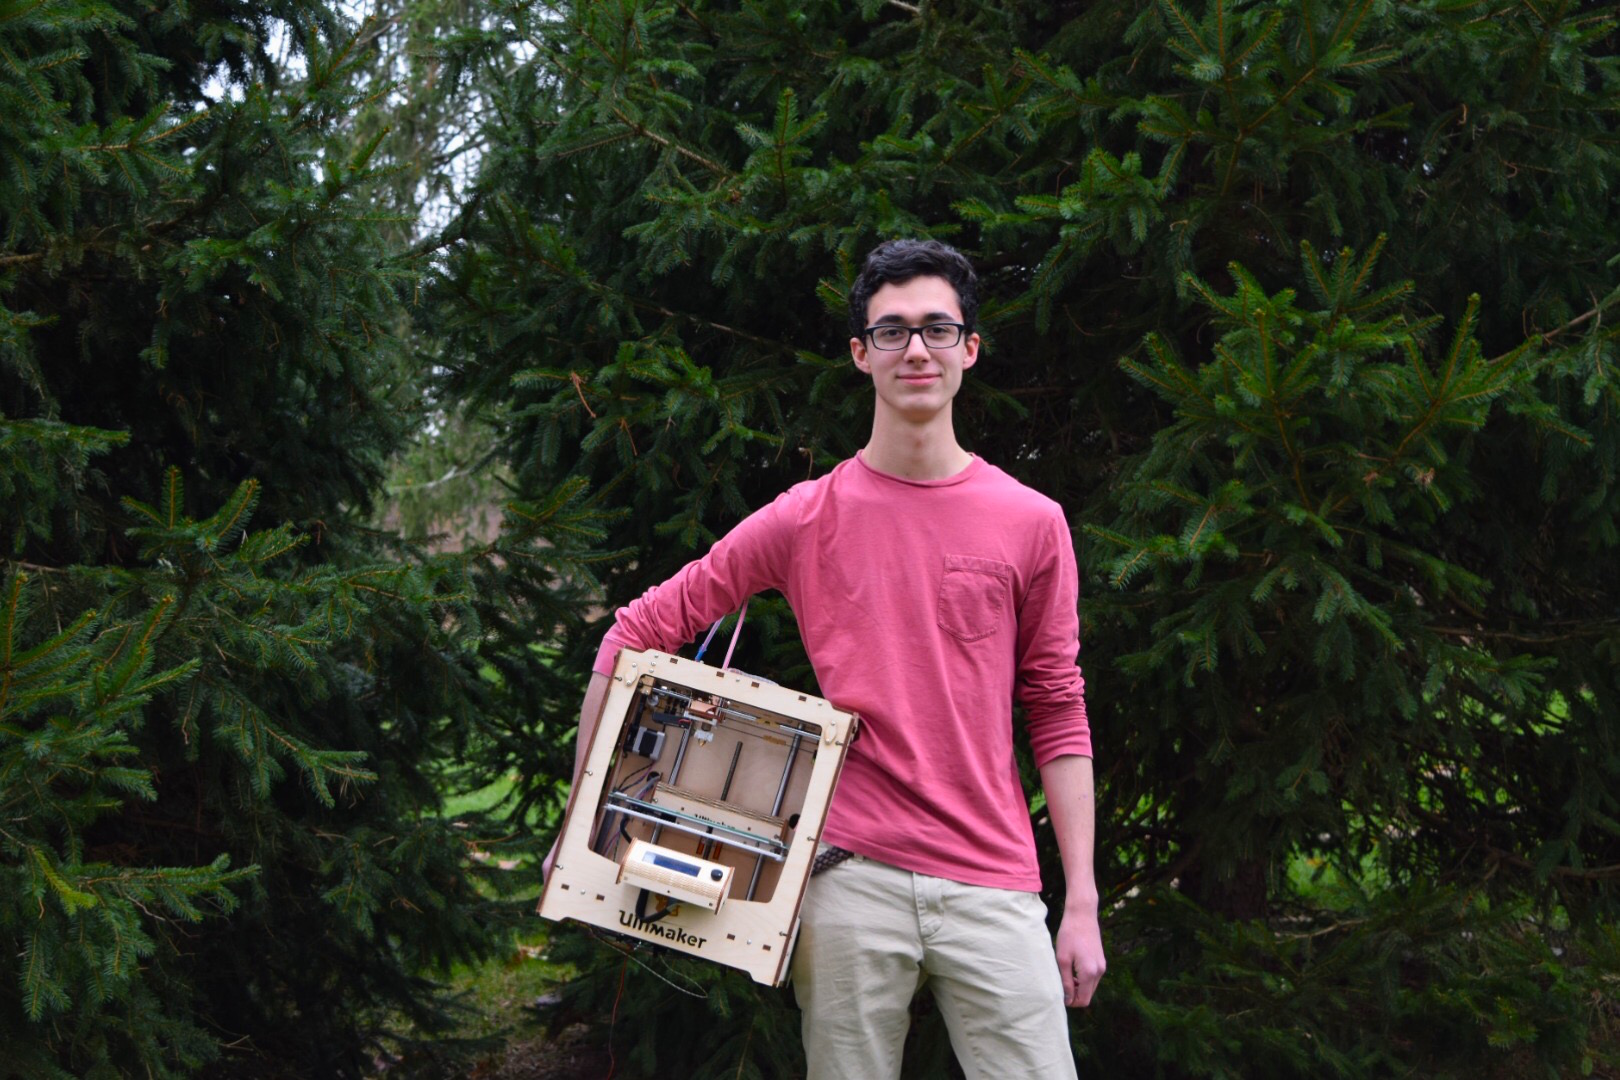 Maker Spotlight: Aidan Leitch